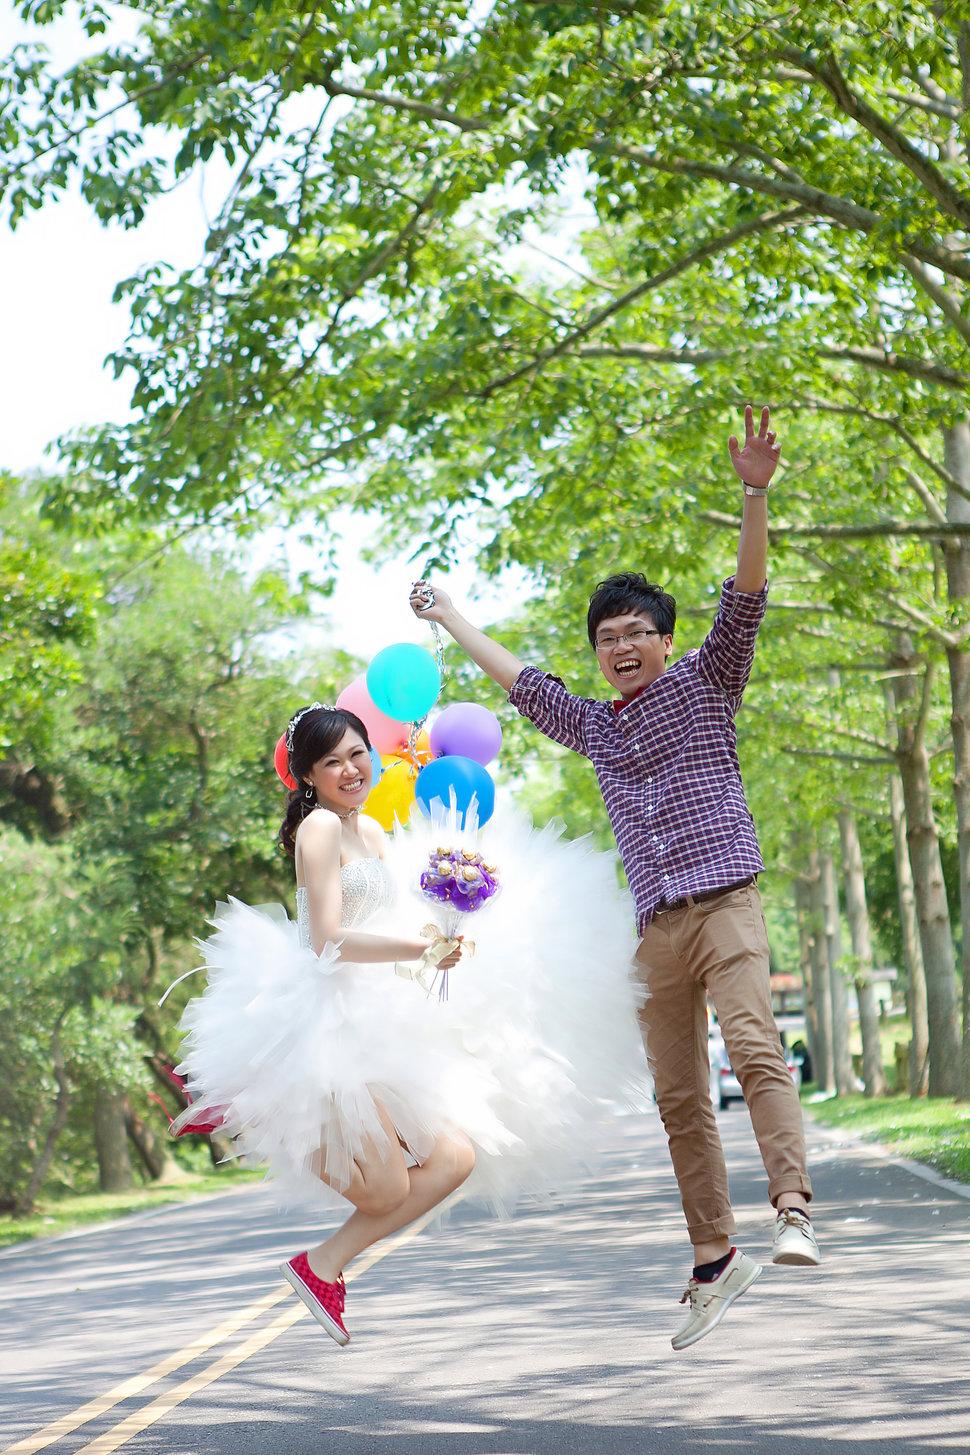 IMG_5717 - 台中2號出口婚紗攝影工作室 - 結婚吧